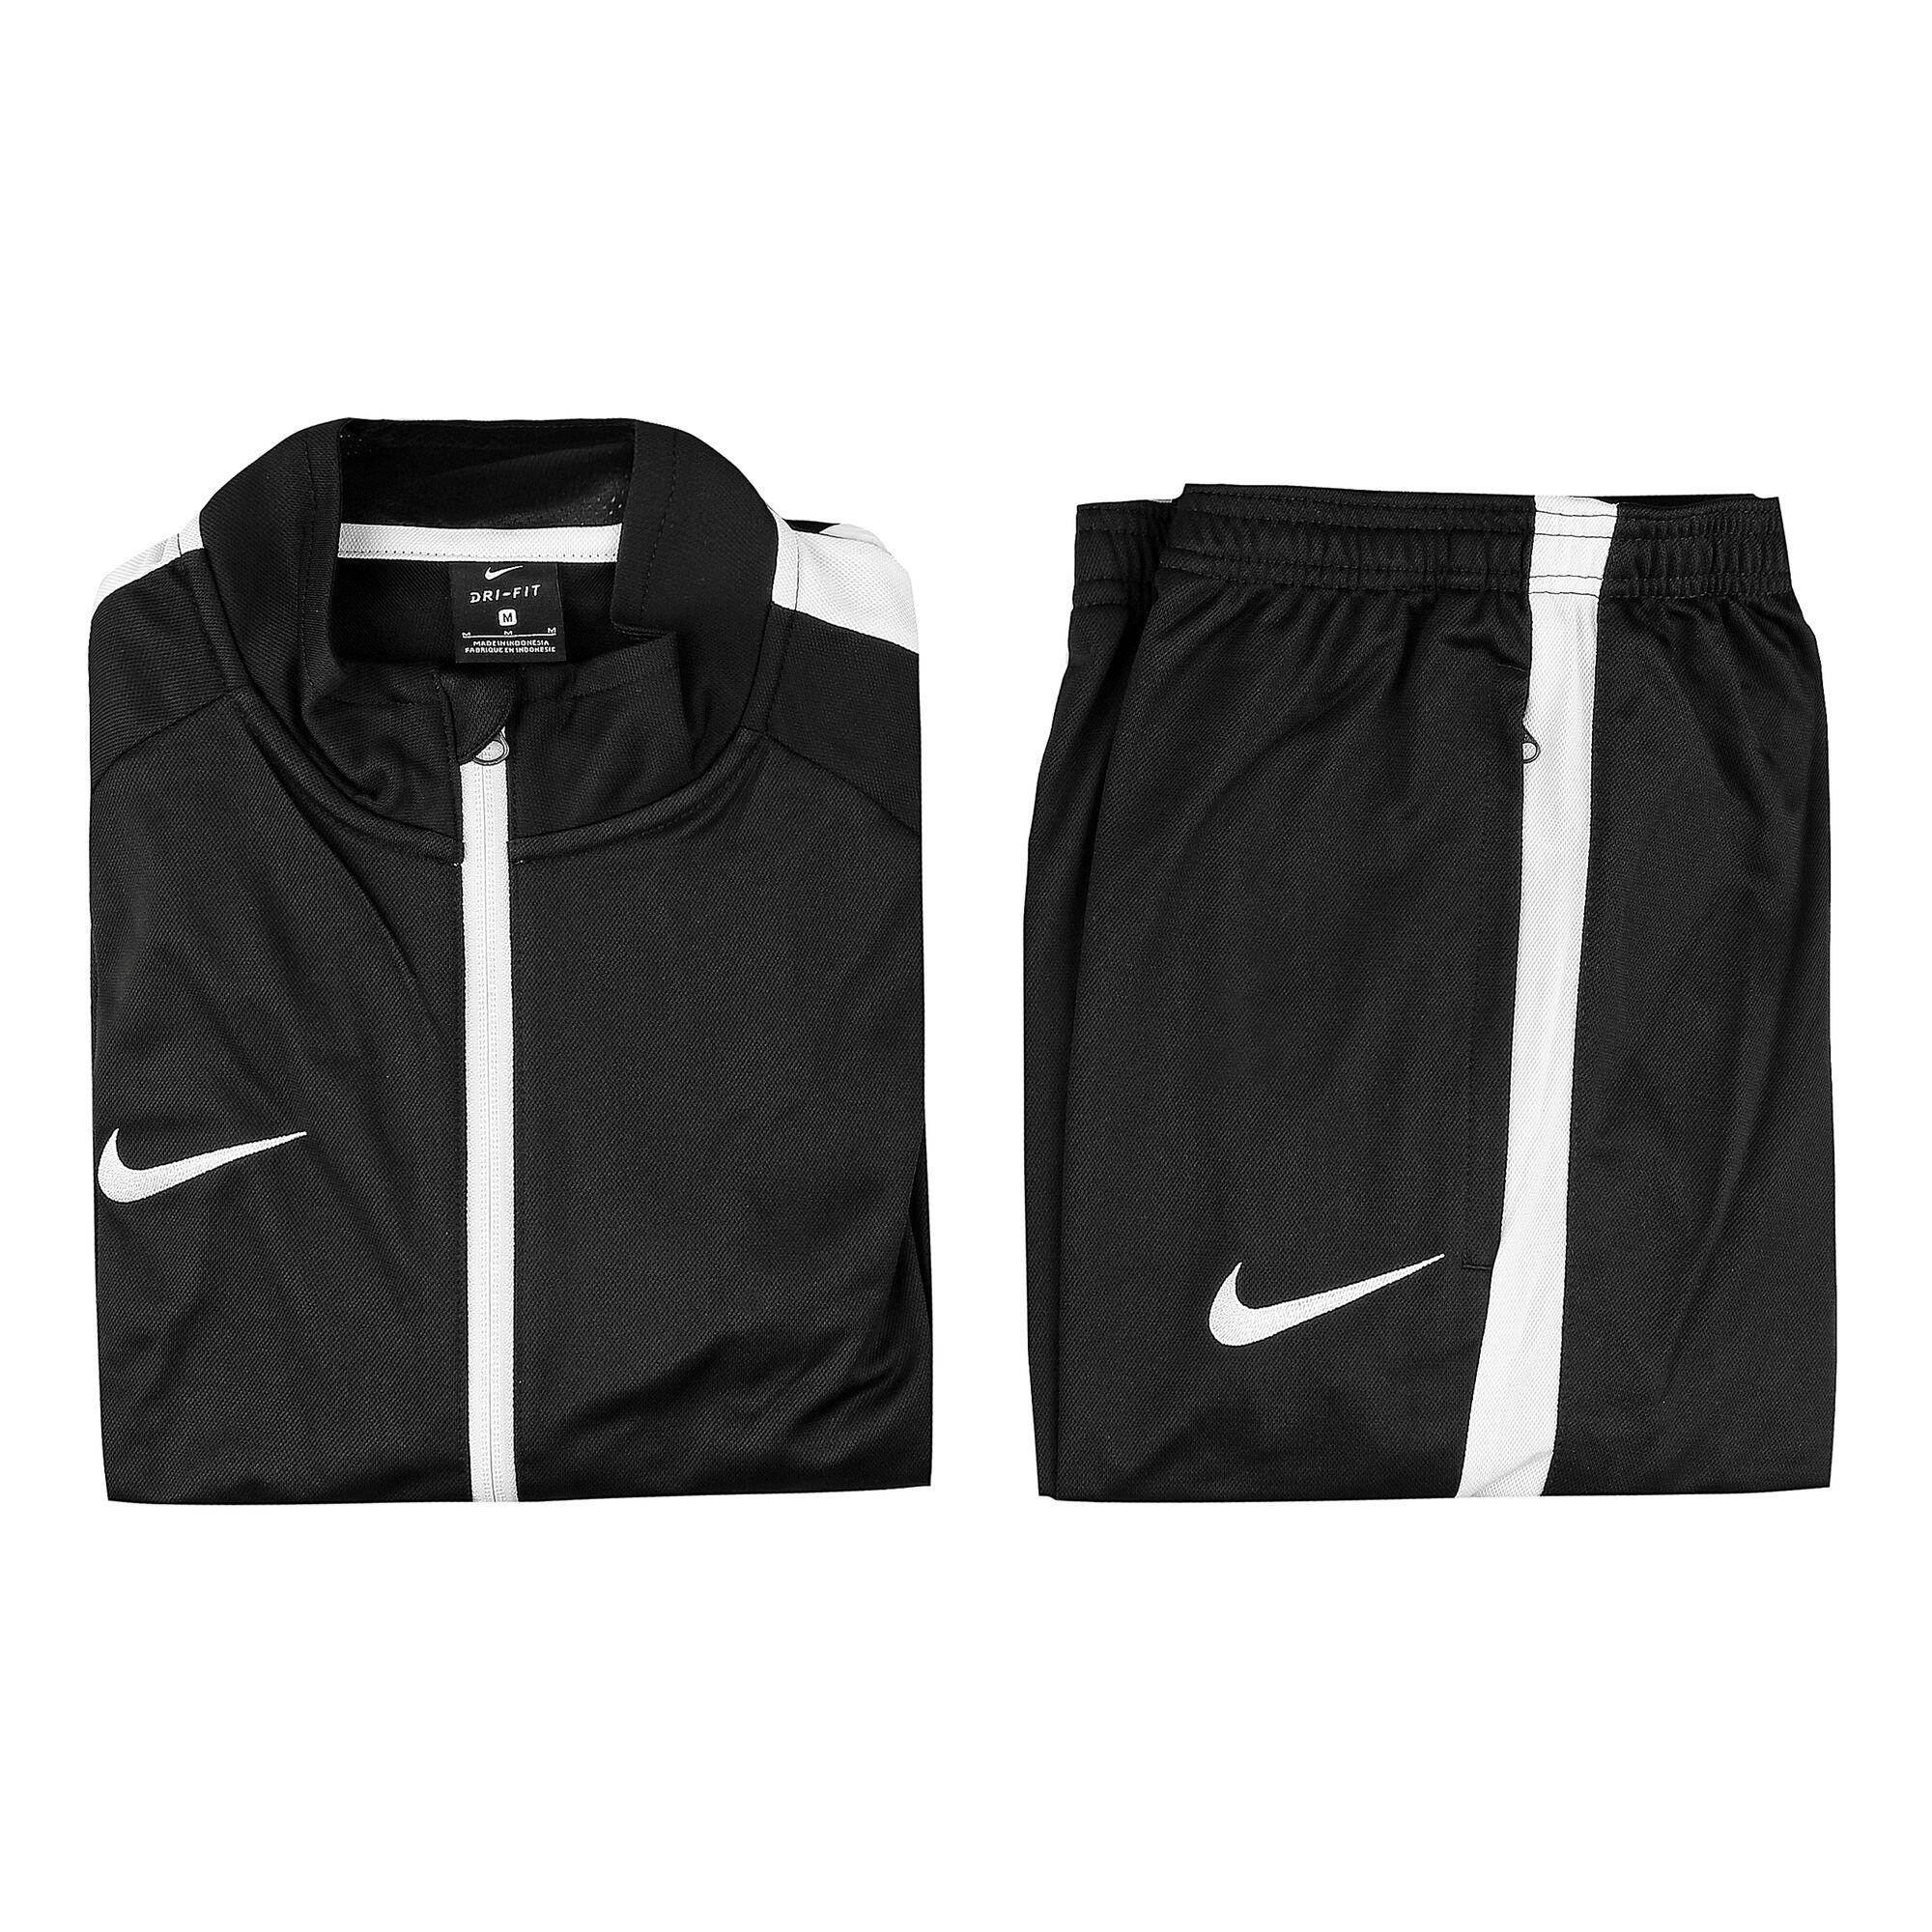 9616fd57f6a Nike Dry Academy Track Træningsdragt Herrer - Sort, Hvid køb online ...